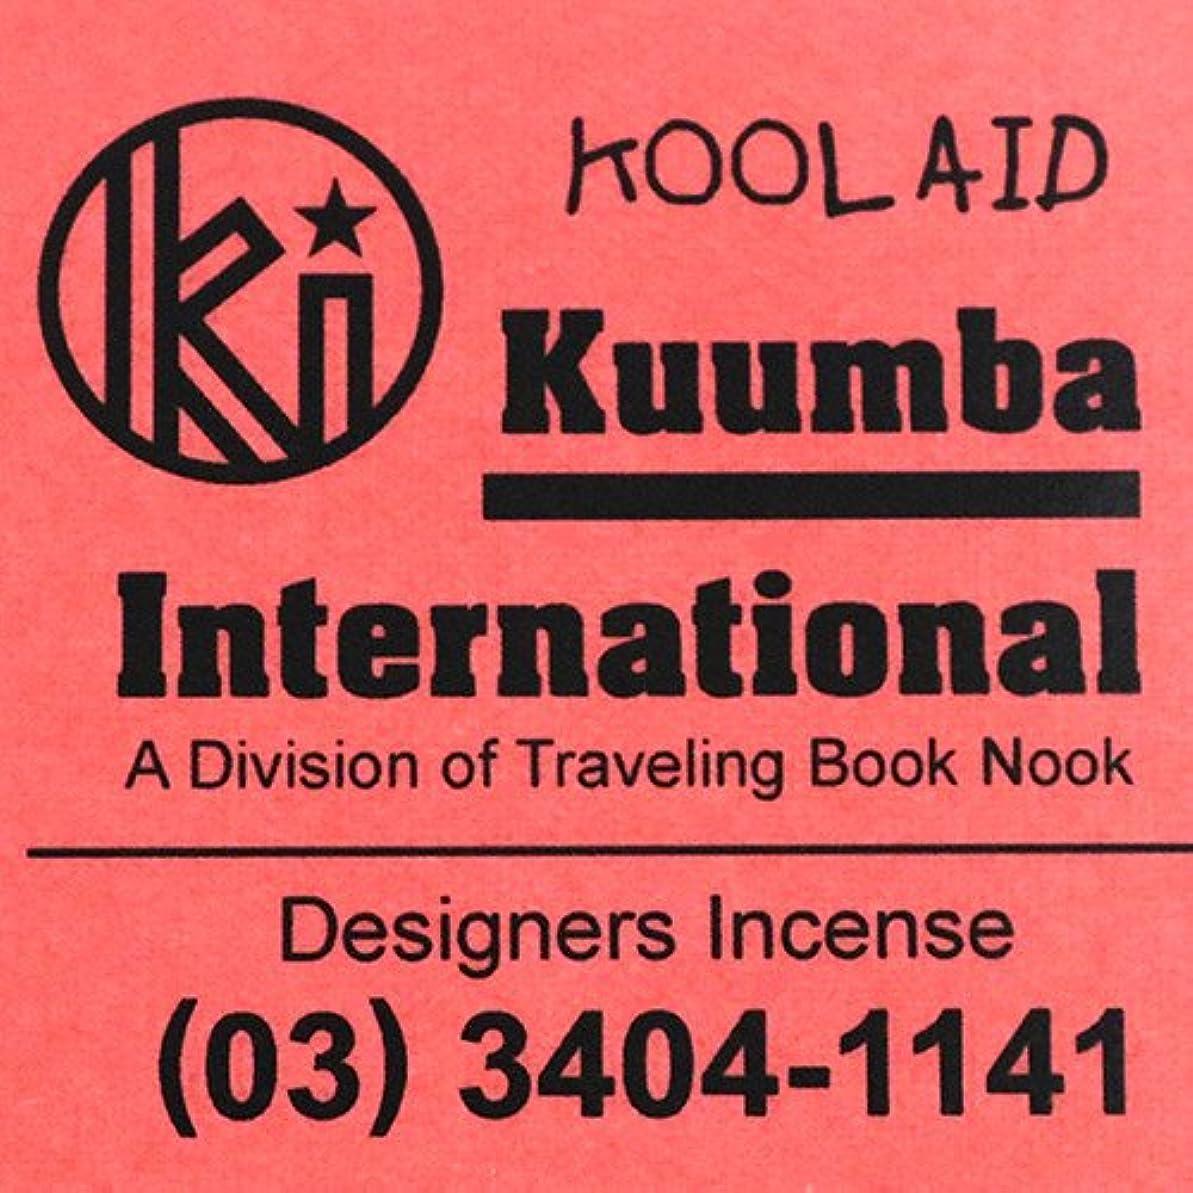 (クンバ) KUUMBA『incense』(KOOL AID) (Regular size)